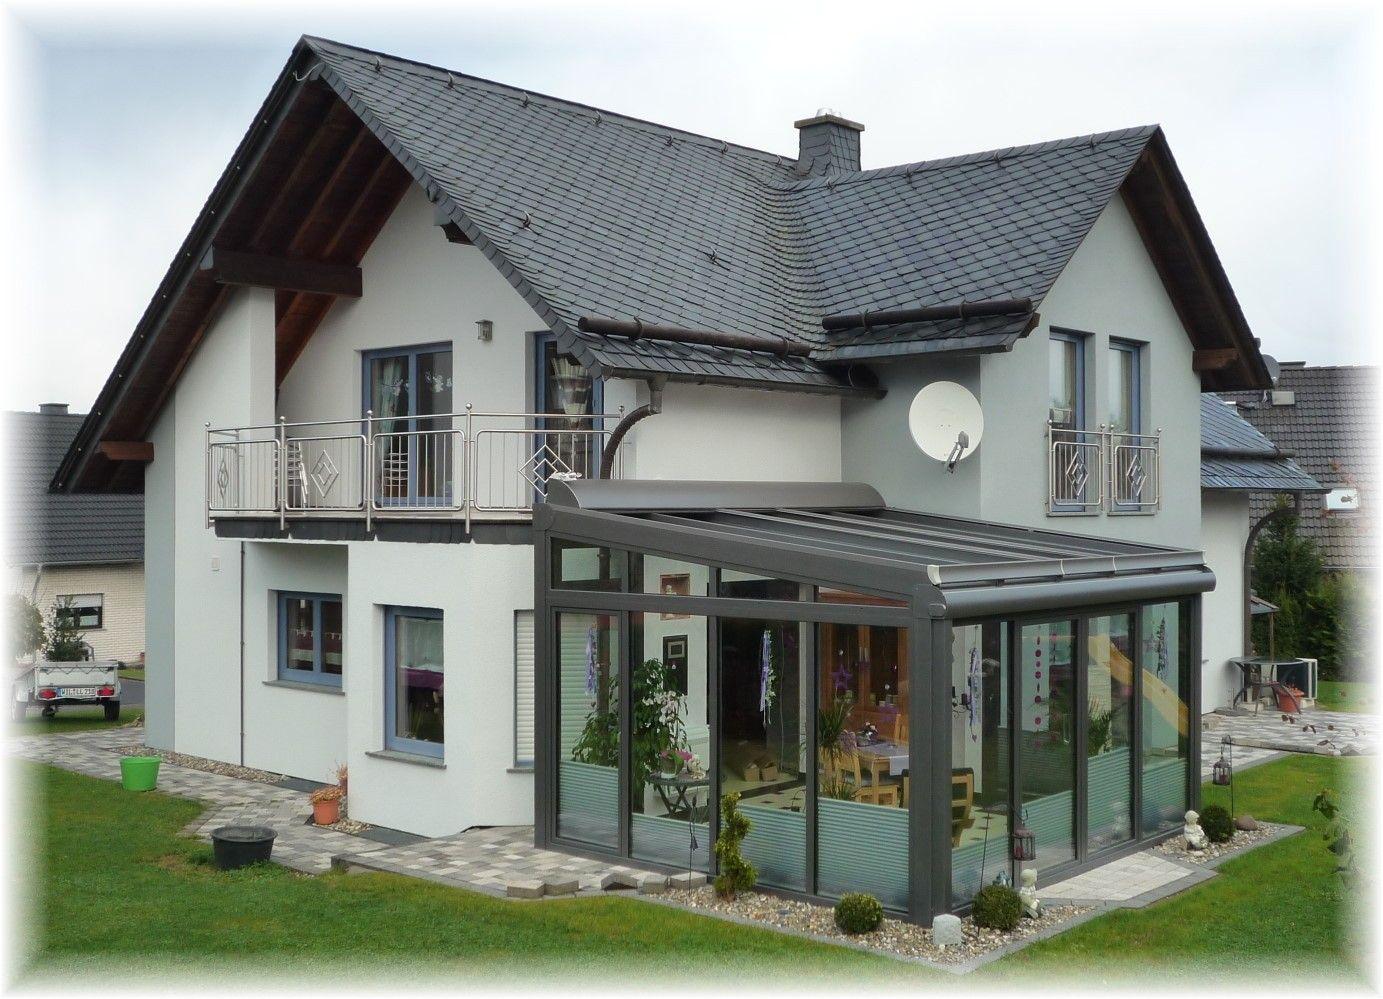 wintergartenbeschattung und sichtschutz mit plissees vom raumtextilienshop wintergarten. Black Bedroom Furniture Sets. Home Design Ideas